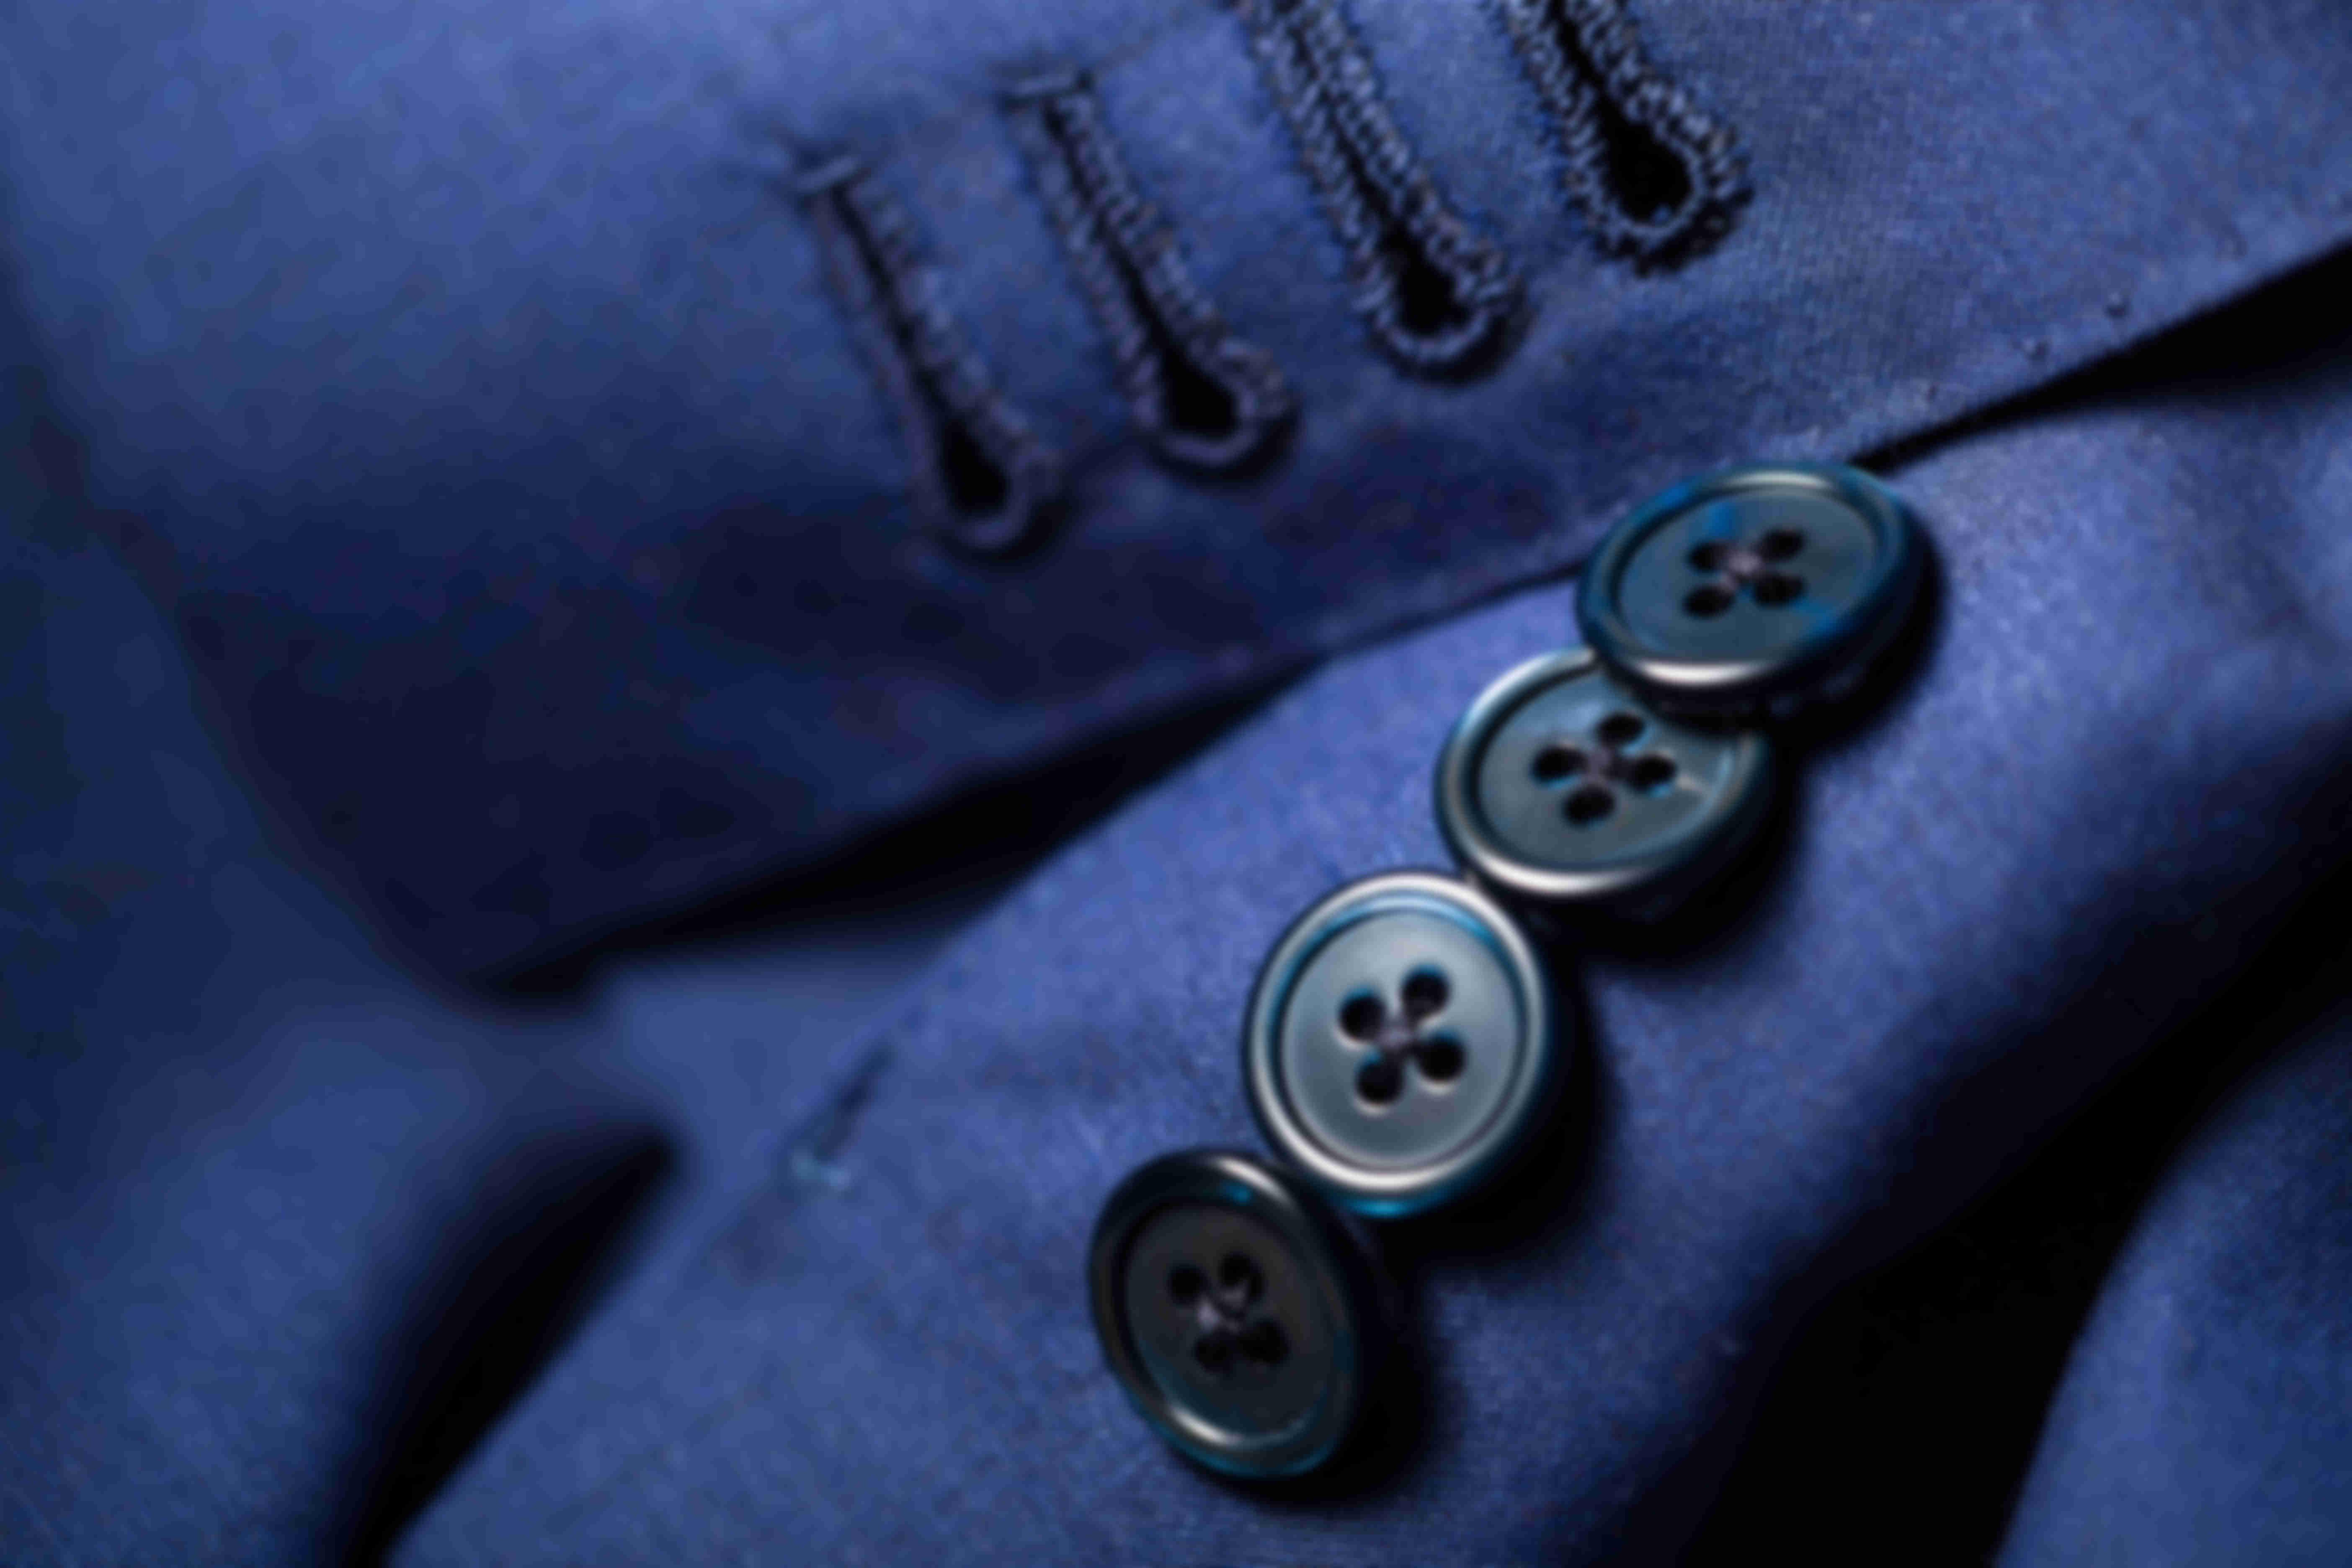 Zoom sur les boutonnières veste ouvertes faites main sur les vestes Atelier Mesure